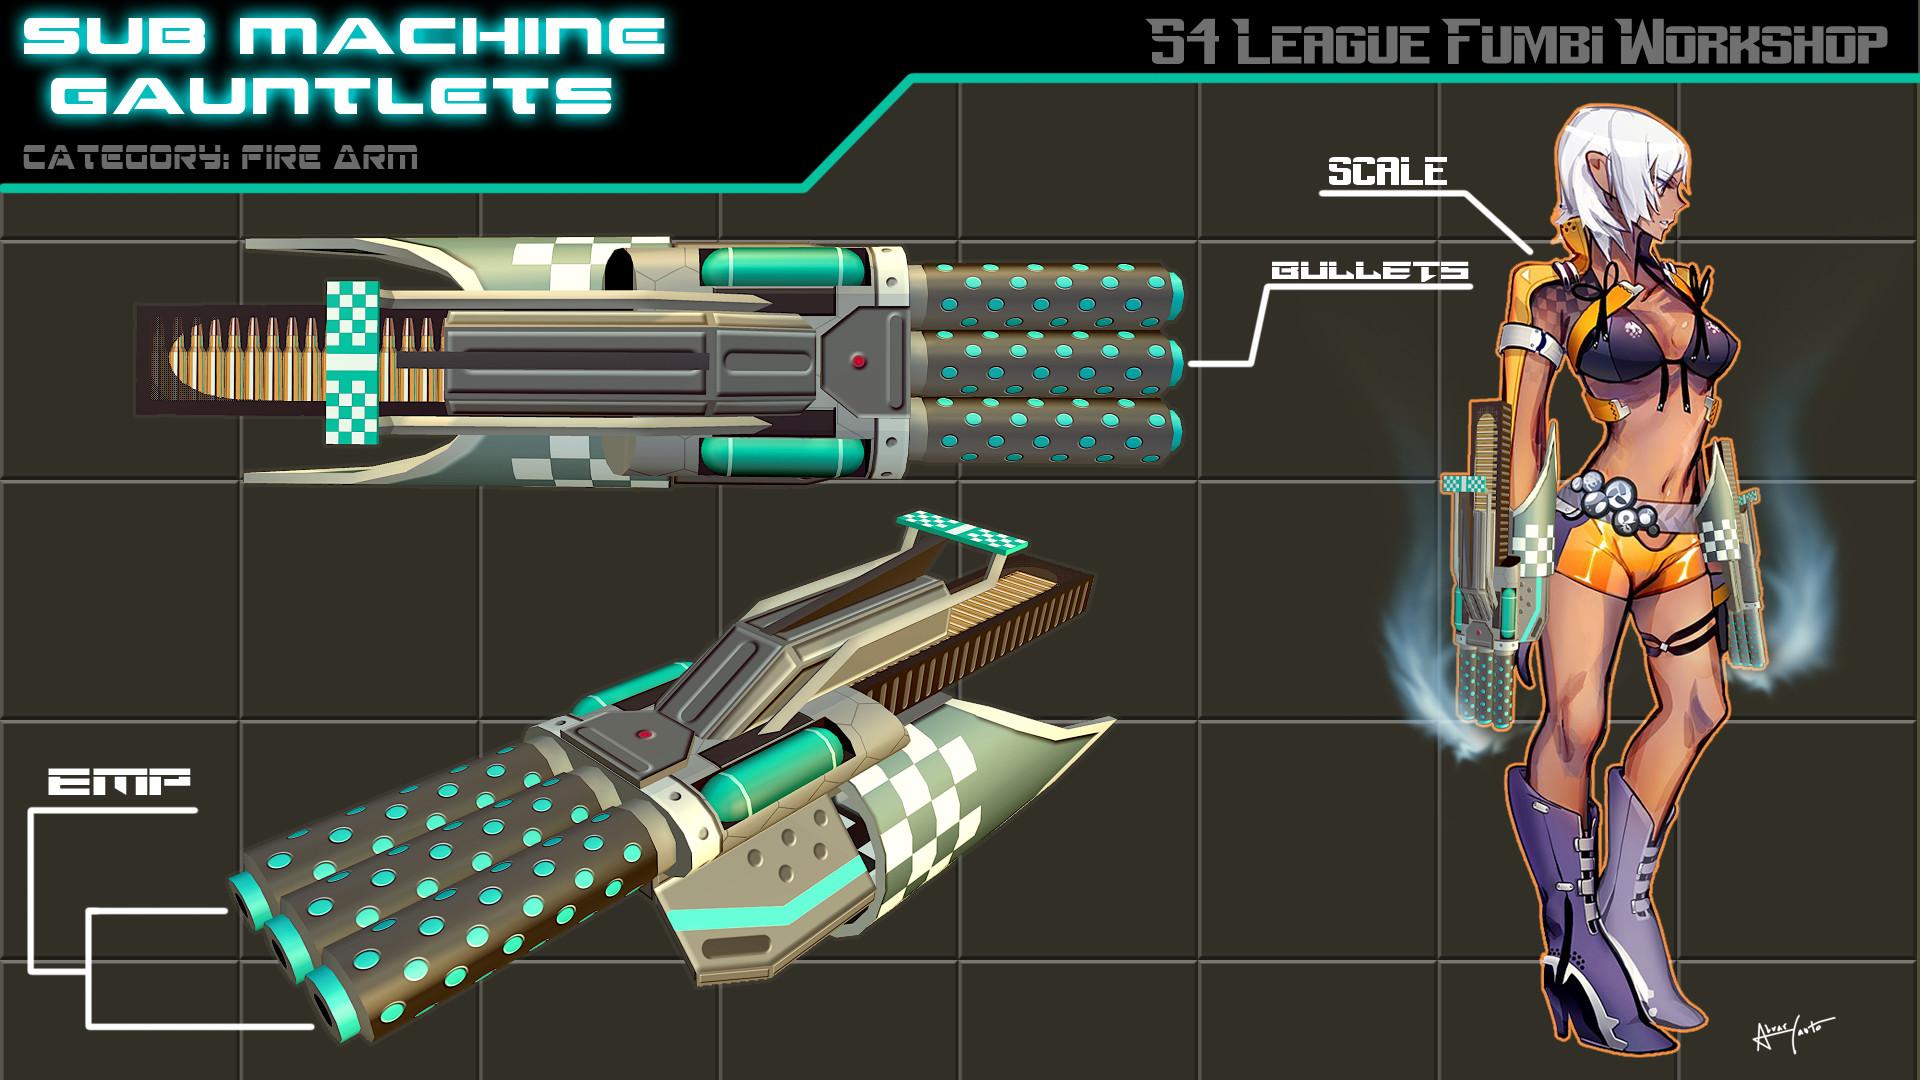 ArtStation - S4 League Sub Machine Gauntlets, Alvar Canto